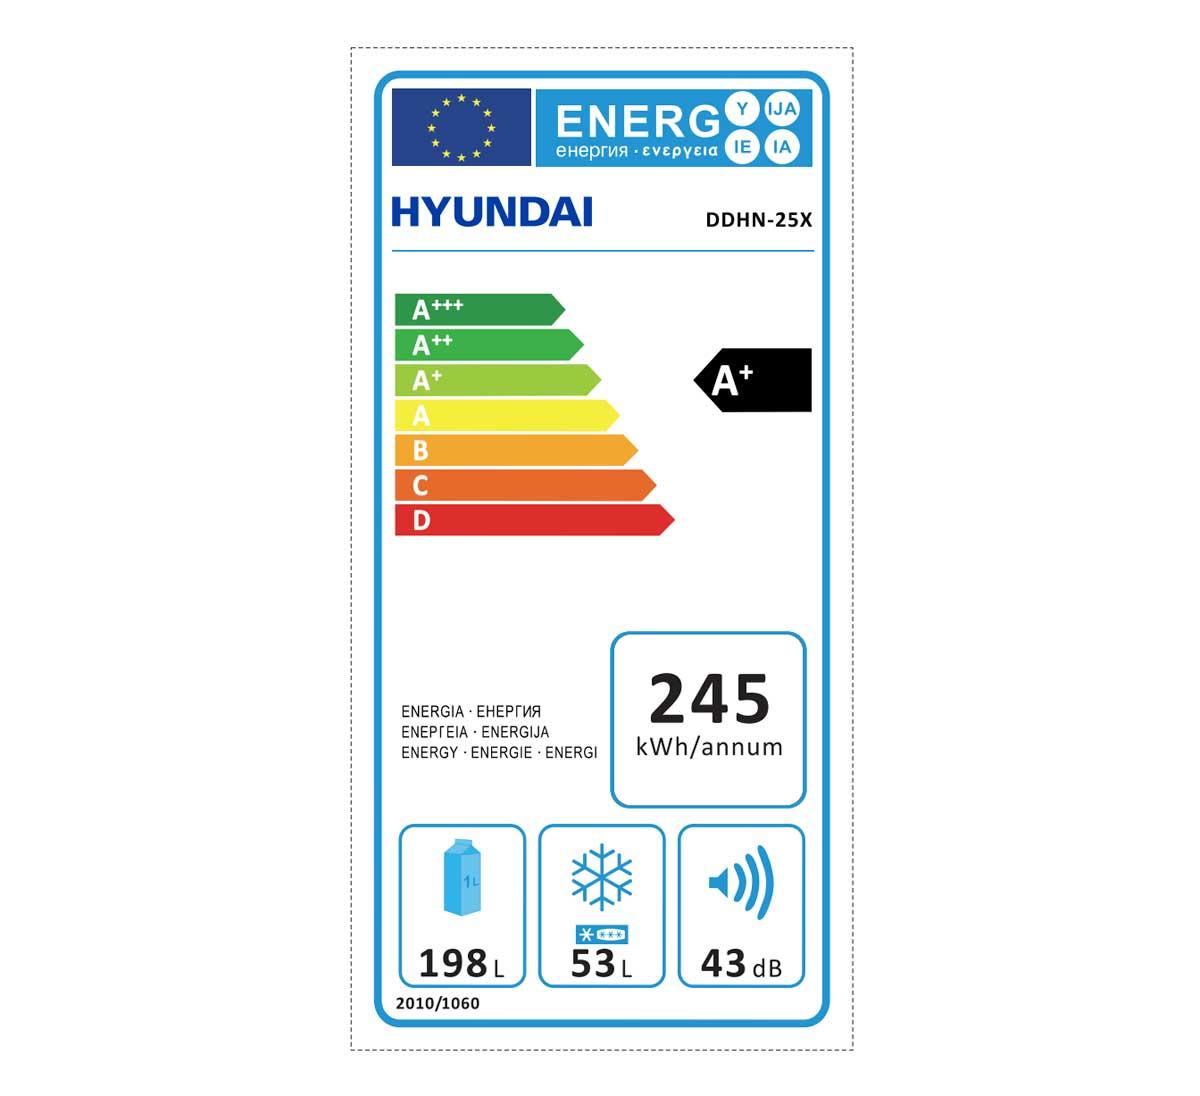 Hyundai DDHN-25X etichetta energetica